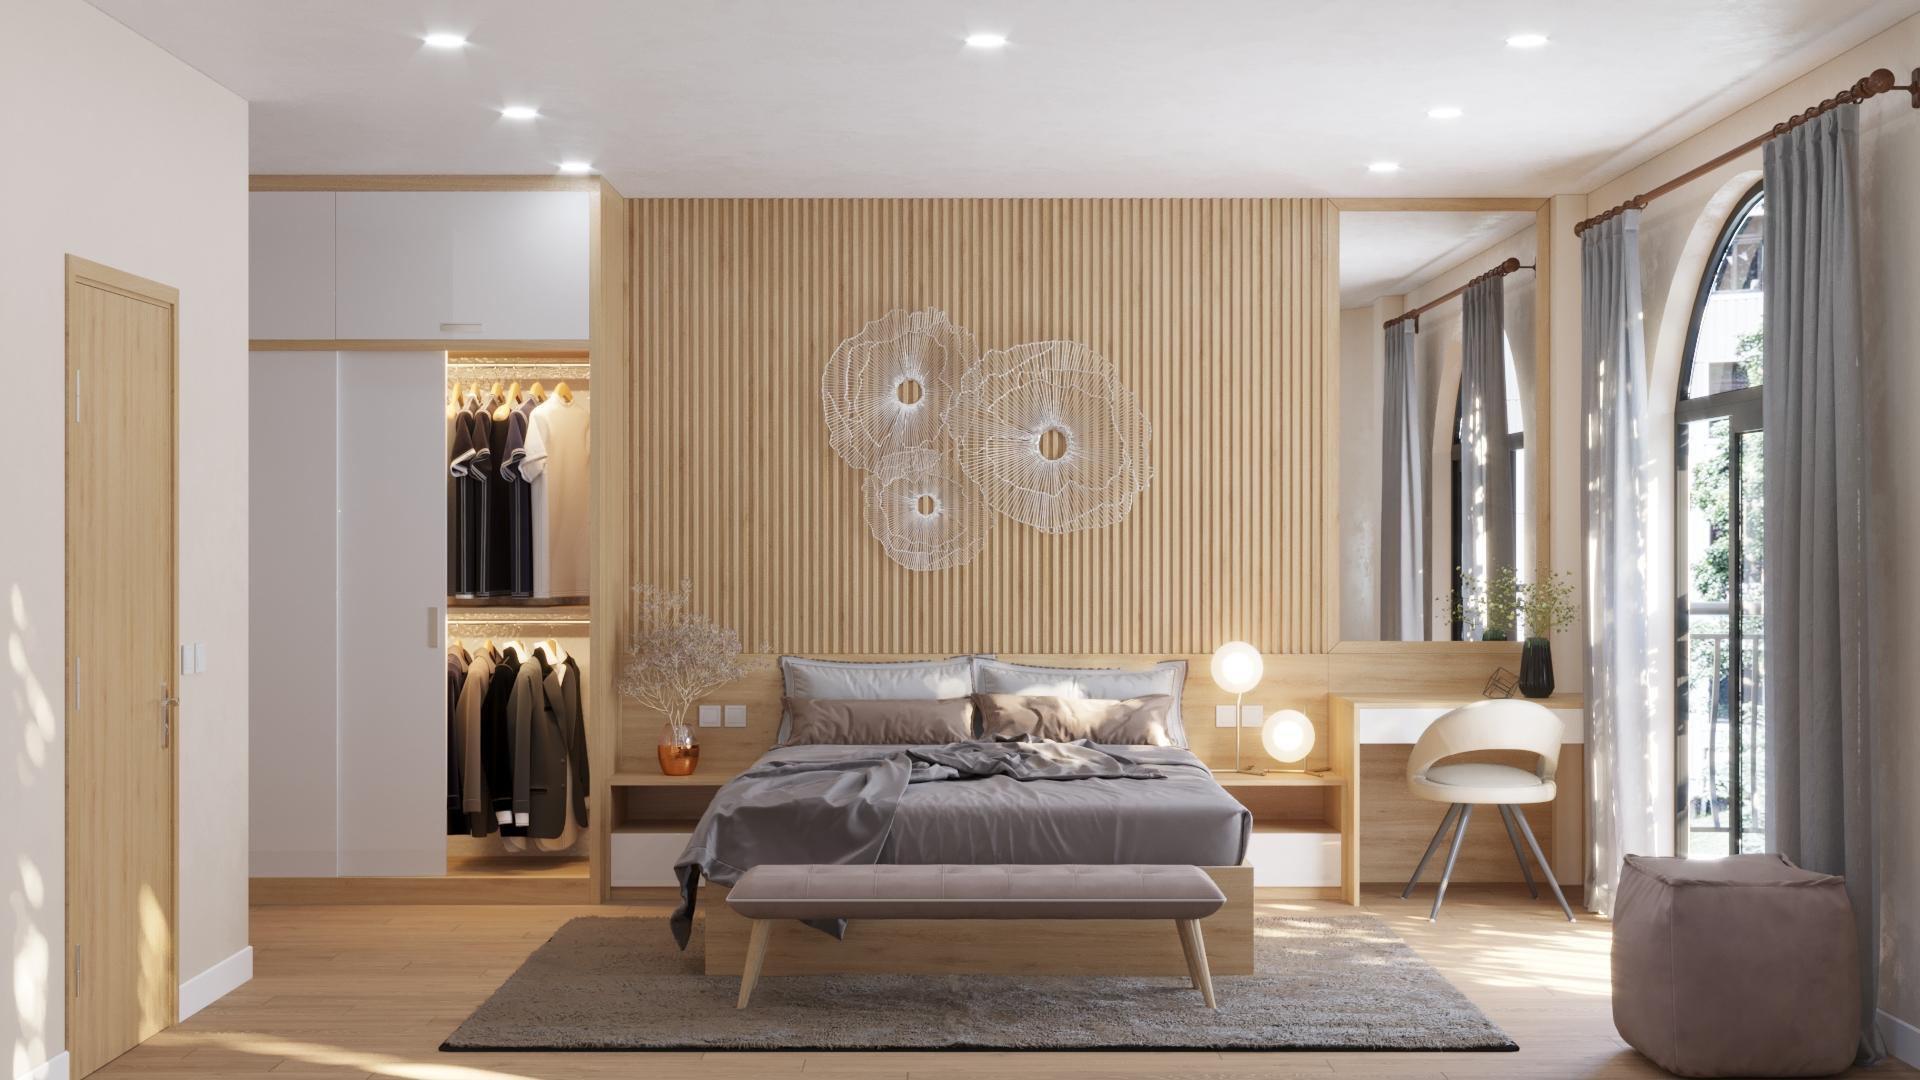 Nội thất Fuhome - Đơn vị chuyên thiết kế nội thất phòng ngủ chung cư đẹp uy tín